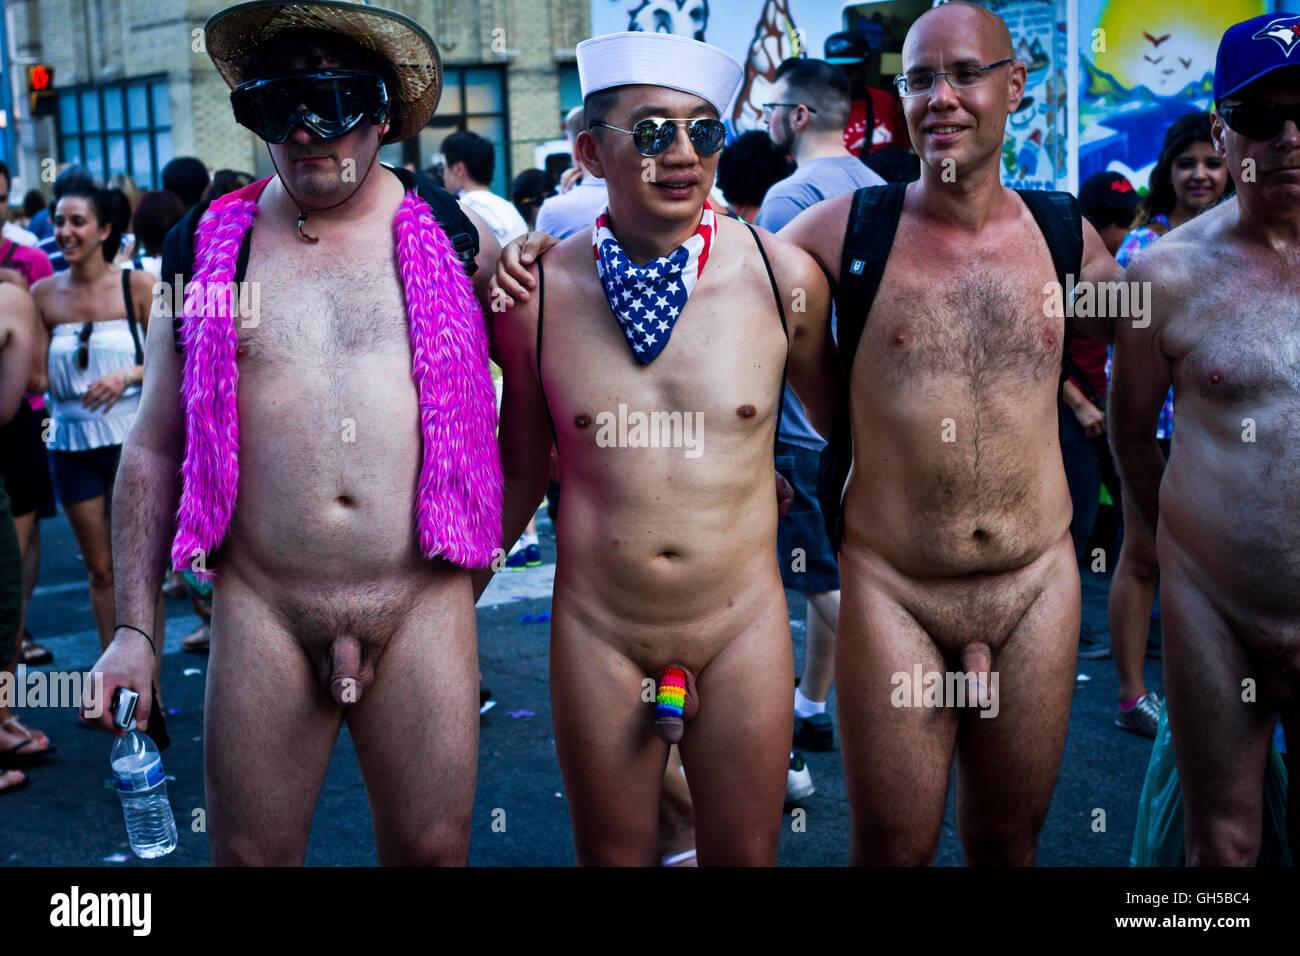 Nude women with dreadlocks